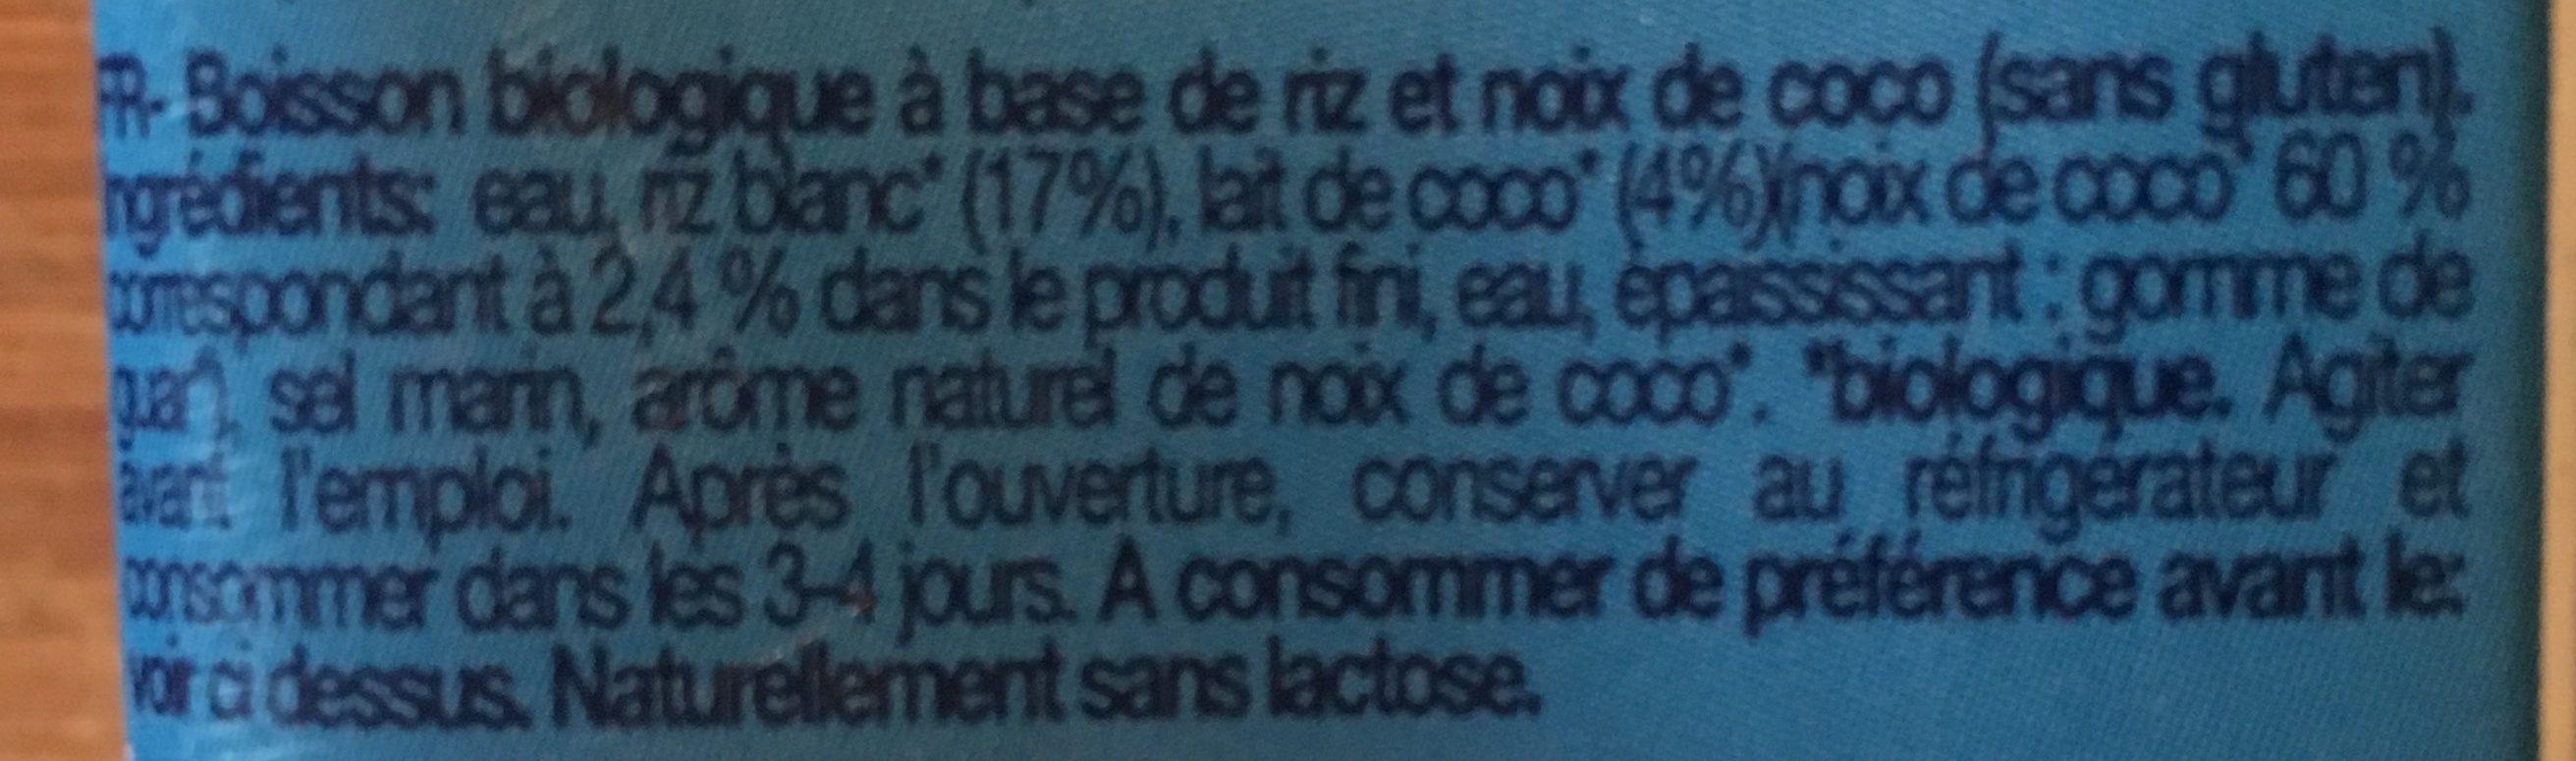 Boisson biologique à base de riz et noix de coco sans gluten - Ingredienti - fr